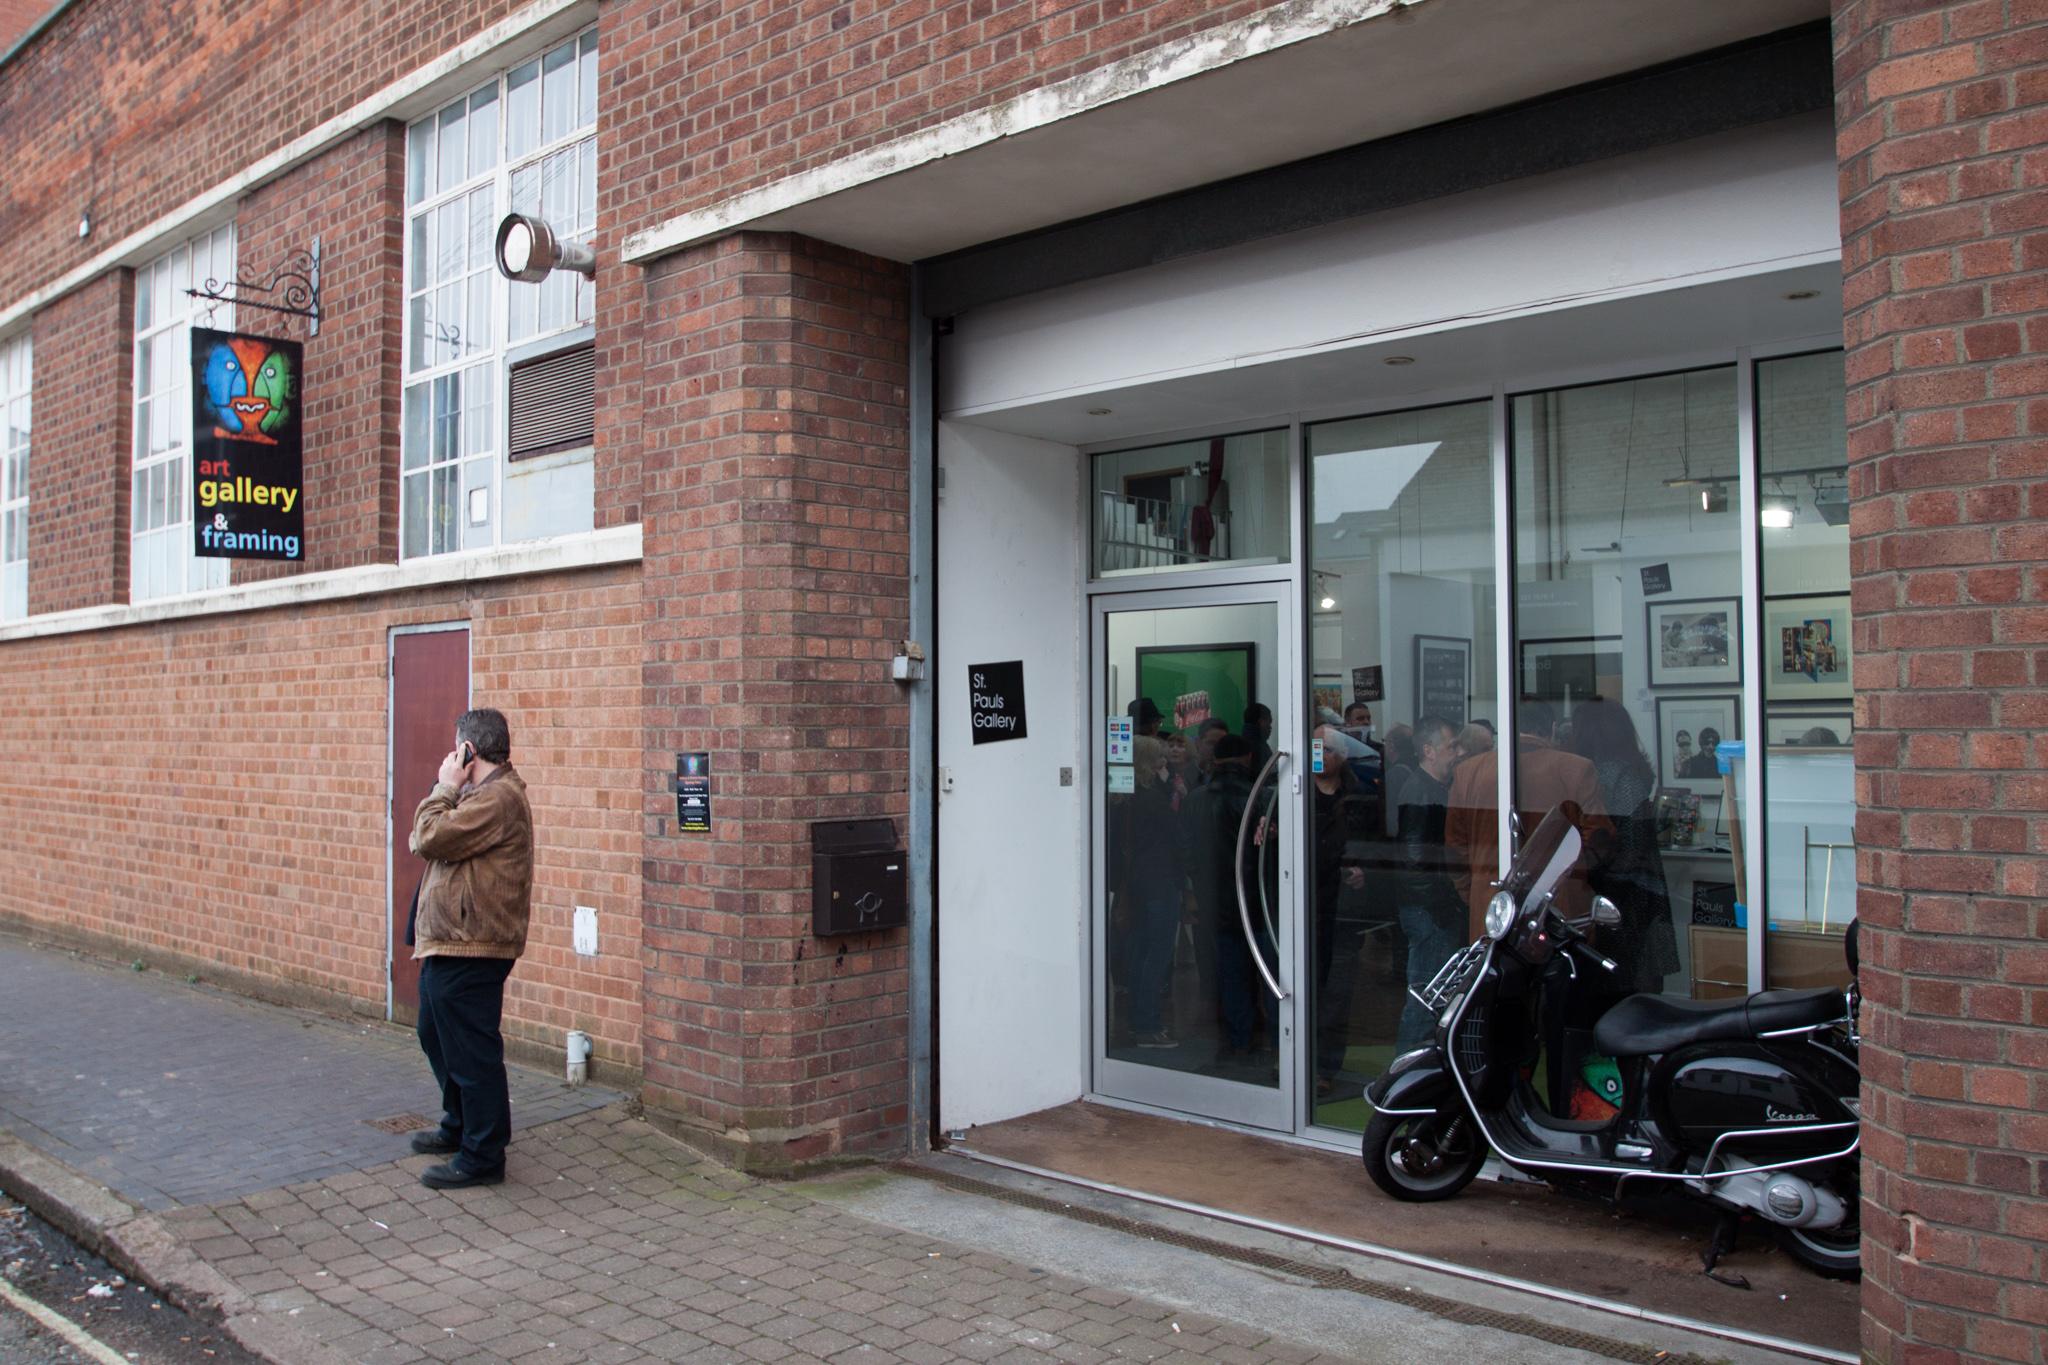 45 - St Pauls Gallery Birmingham Outside